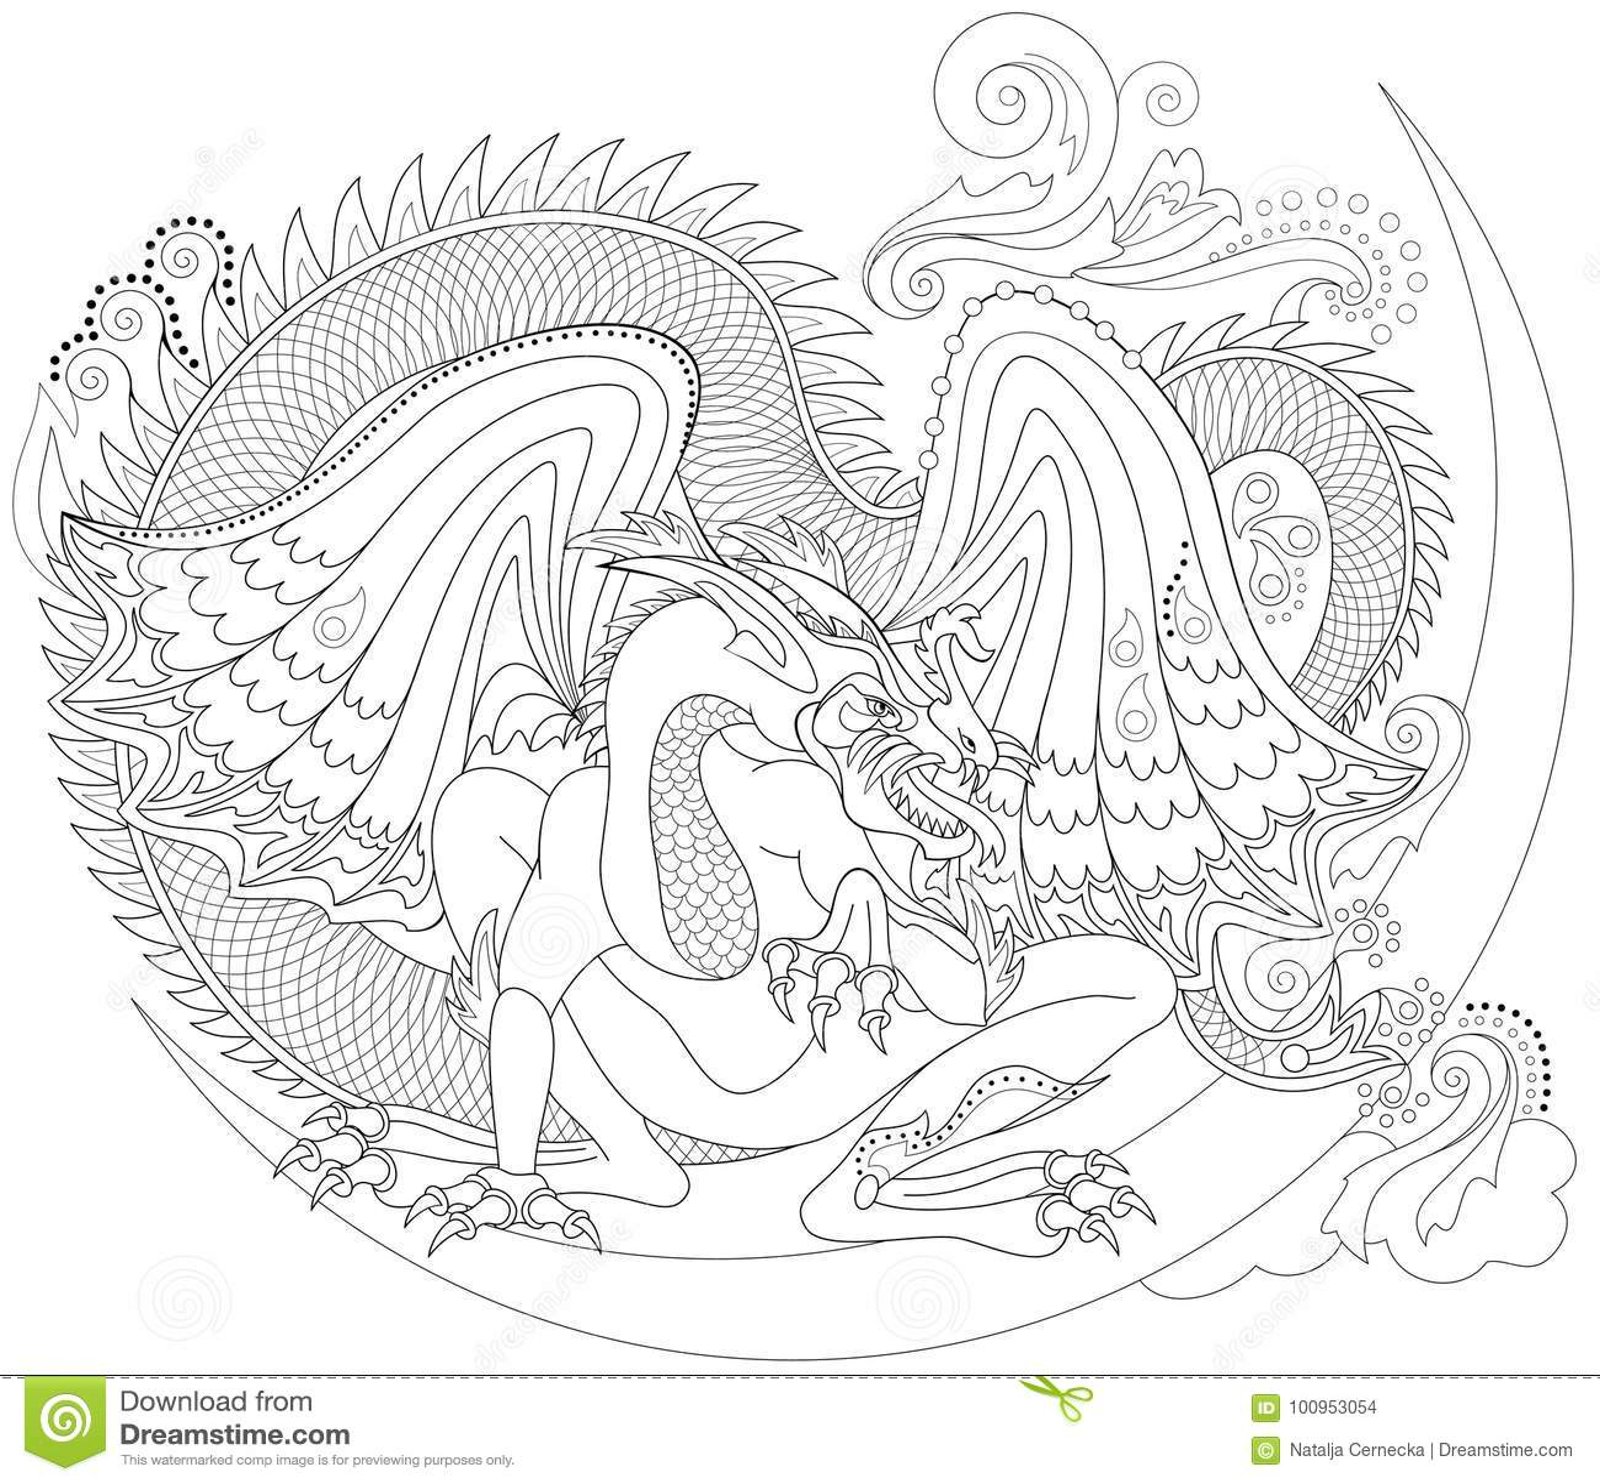 Pagina Preto E Branco Para Colorir Desenho Da Fantasia Do Dragao